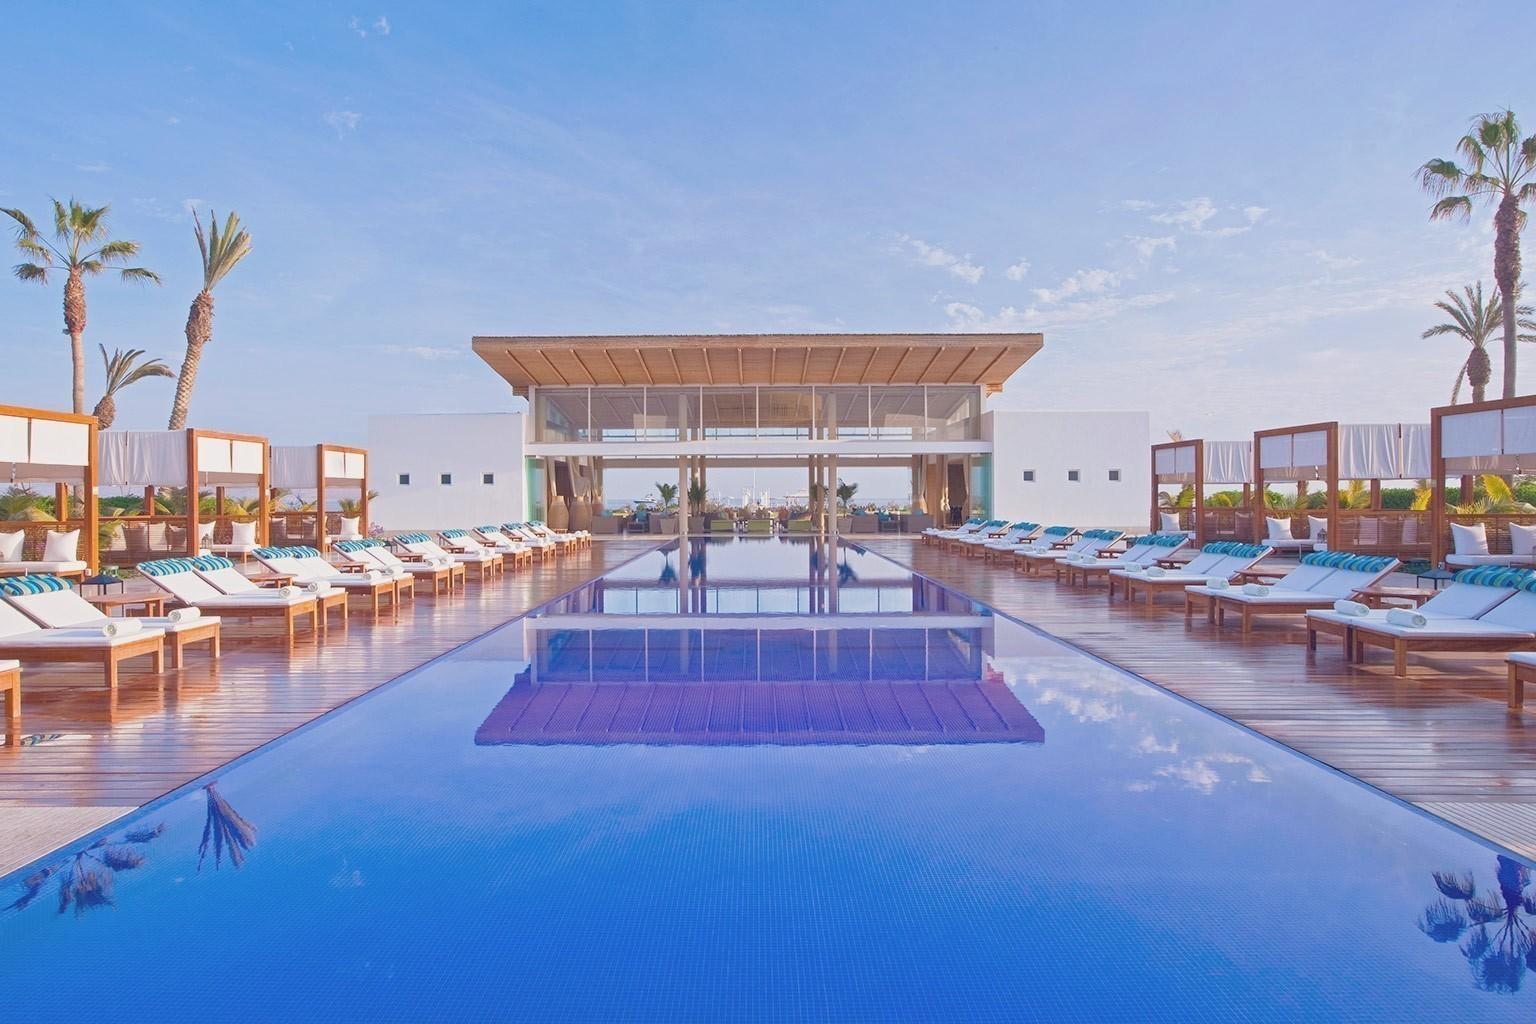 Luxury collection hotel paracas in peru designreisen for Hotel luxury resort paracas